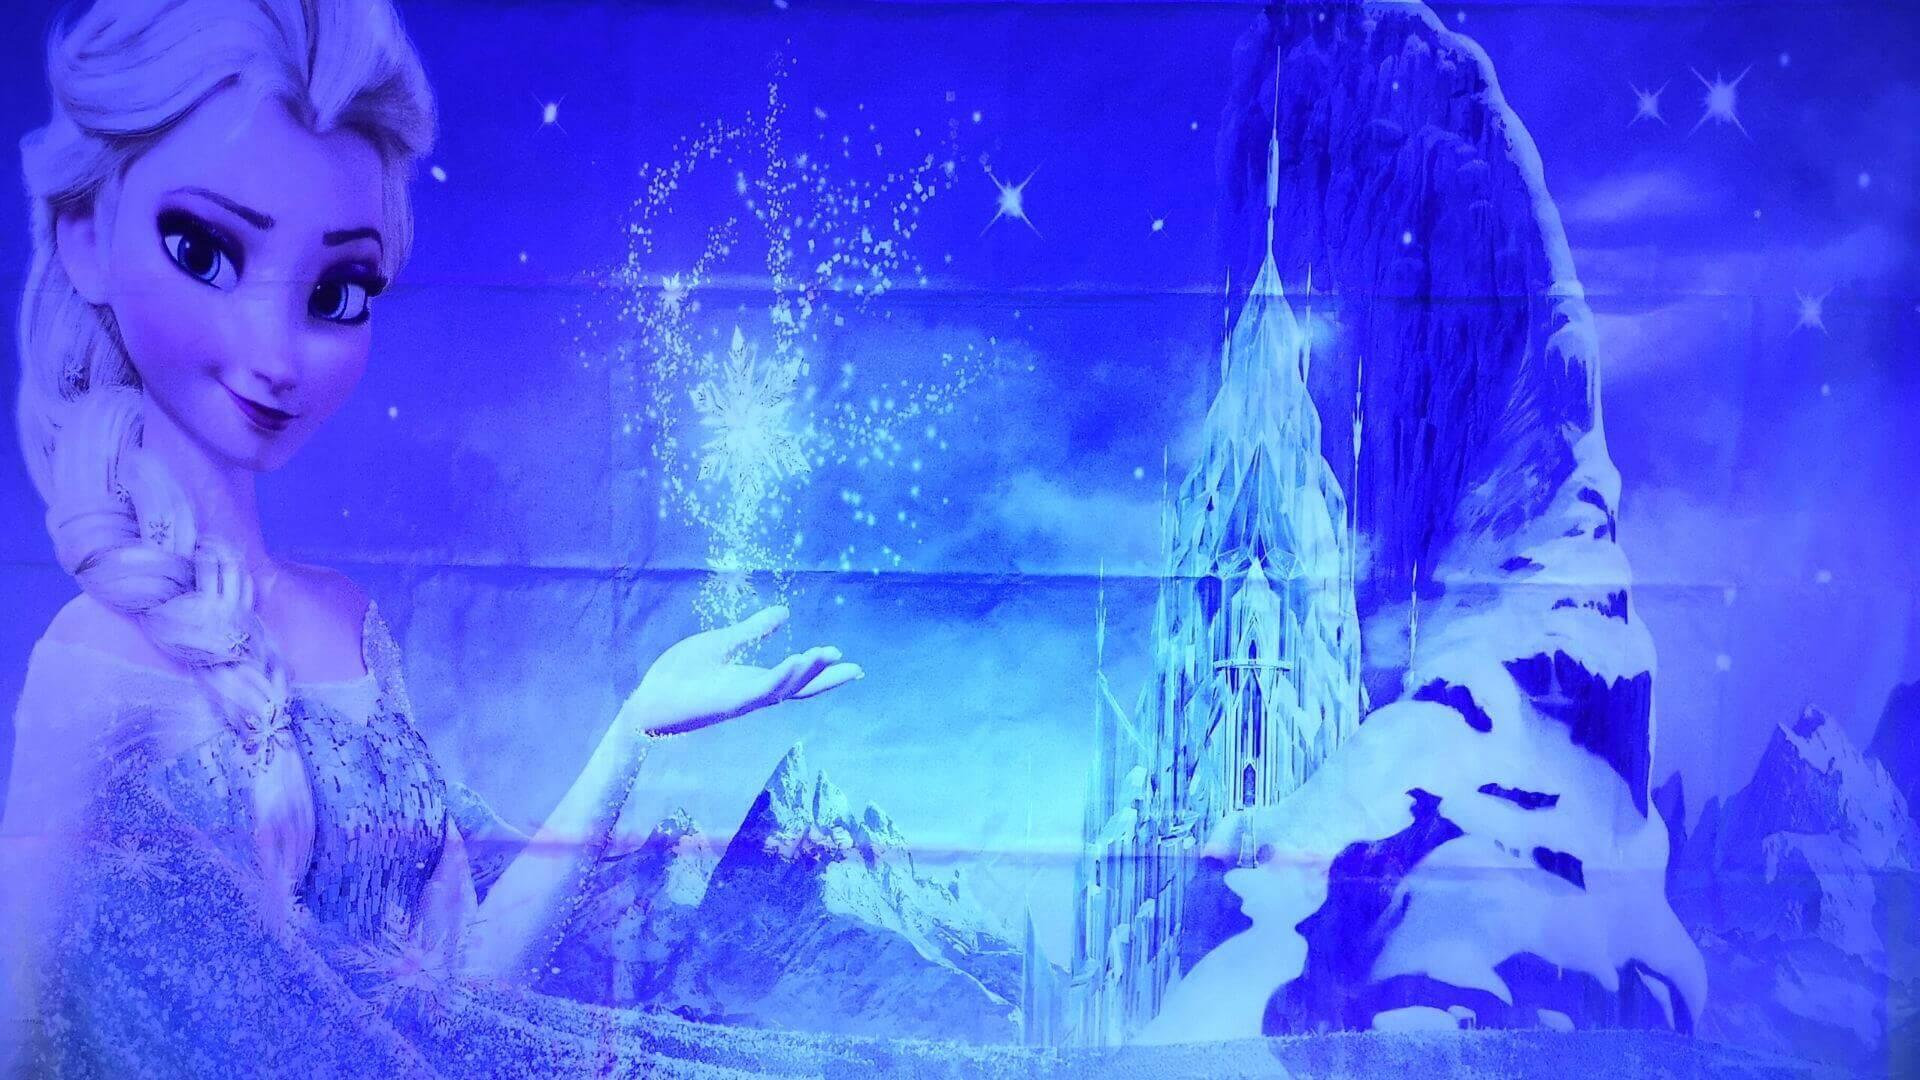 Frozen taustakangas ja UV-valot.